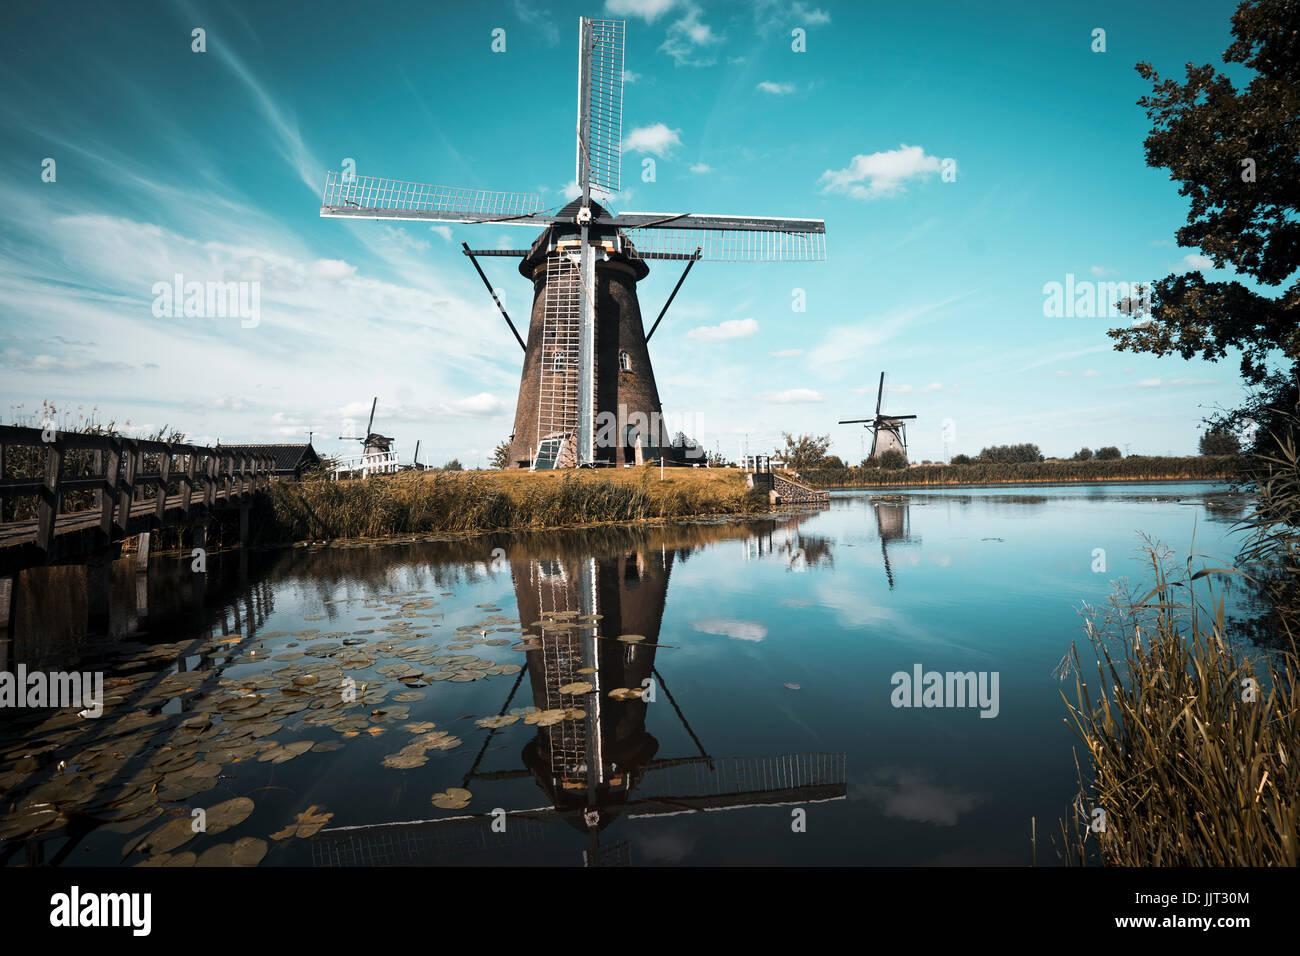 Kinderdijk paisaje con el típico de 19 molinos de viento Imagen De Stock